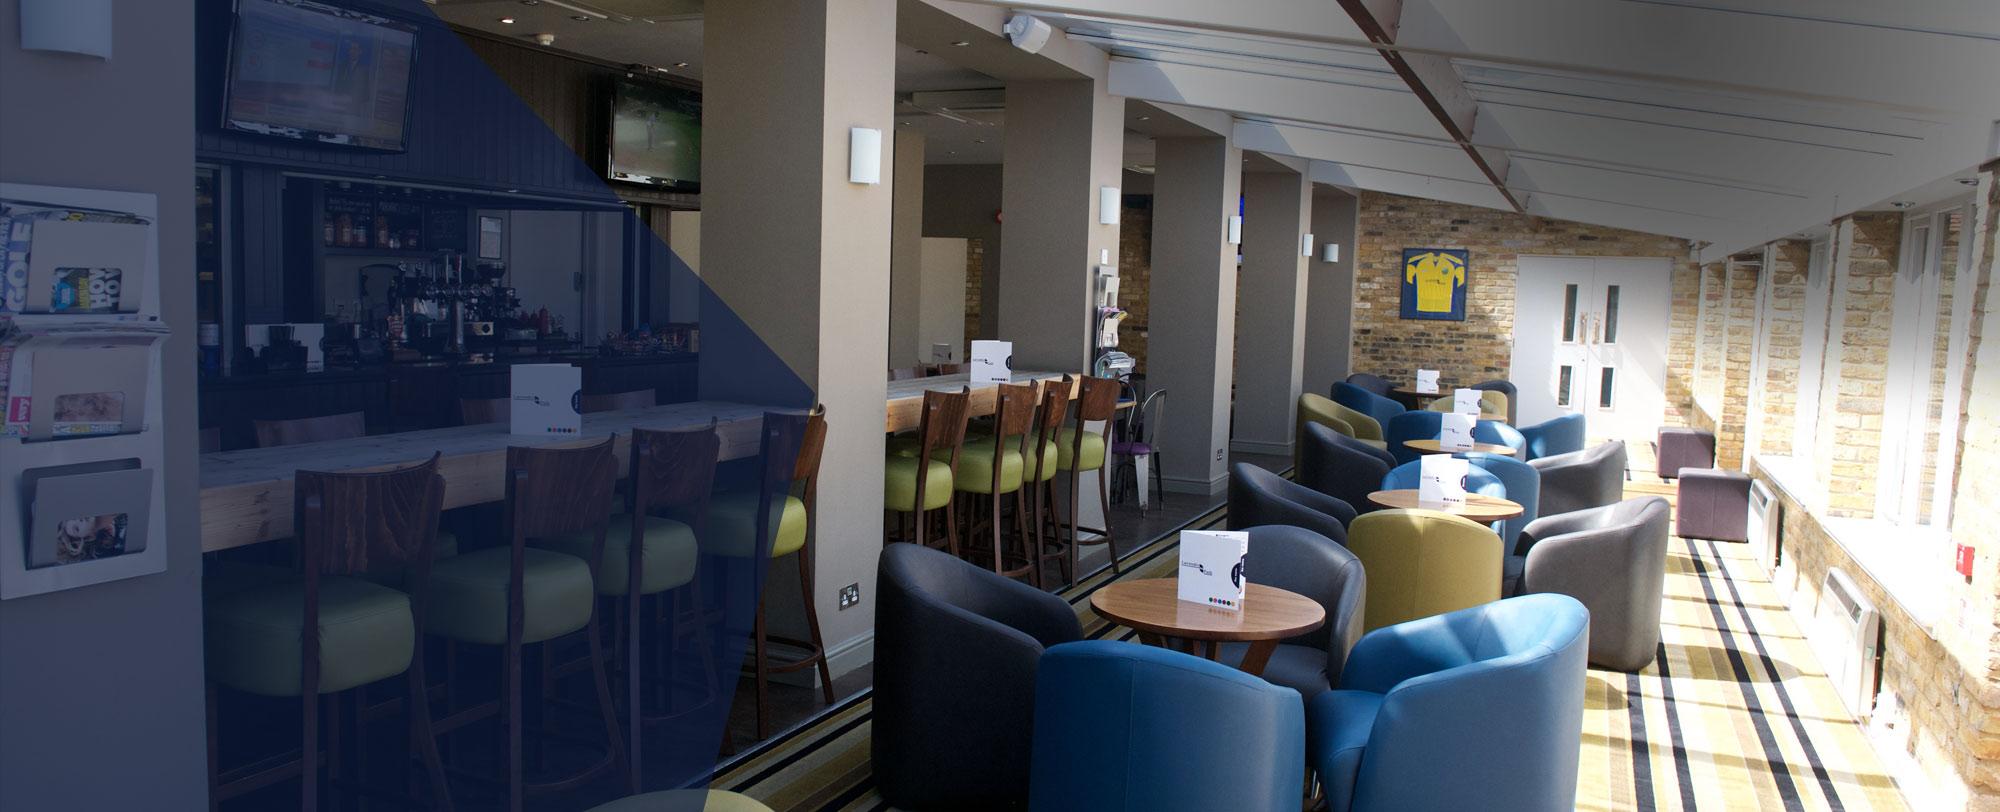 Sports Bar in Ascot